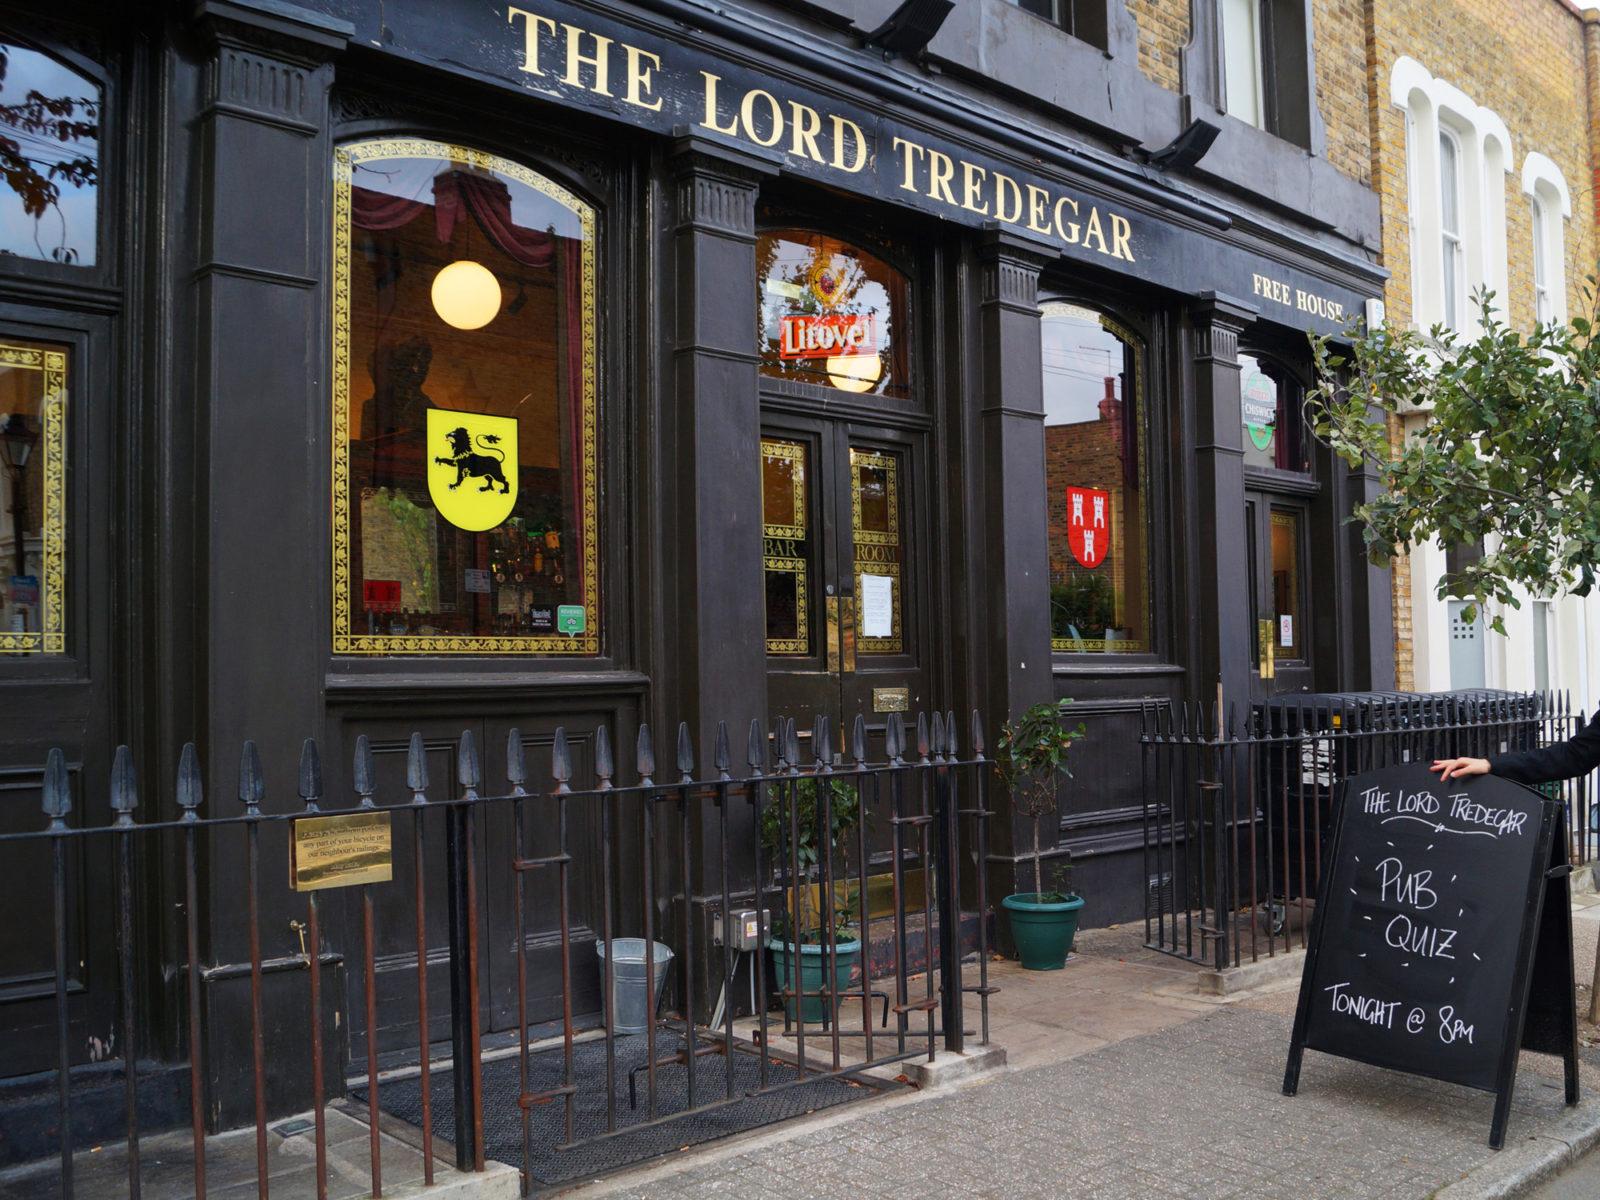 The Lord Tredegar pub